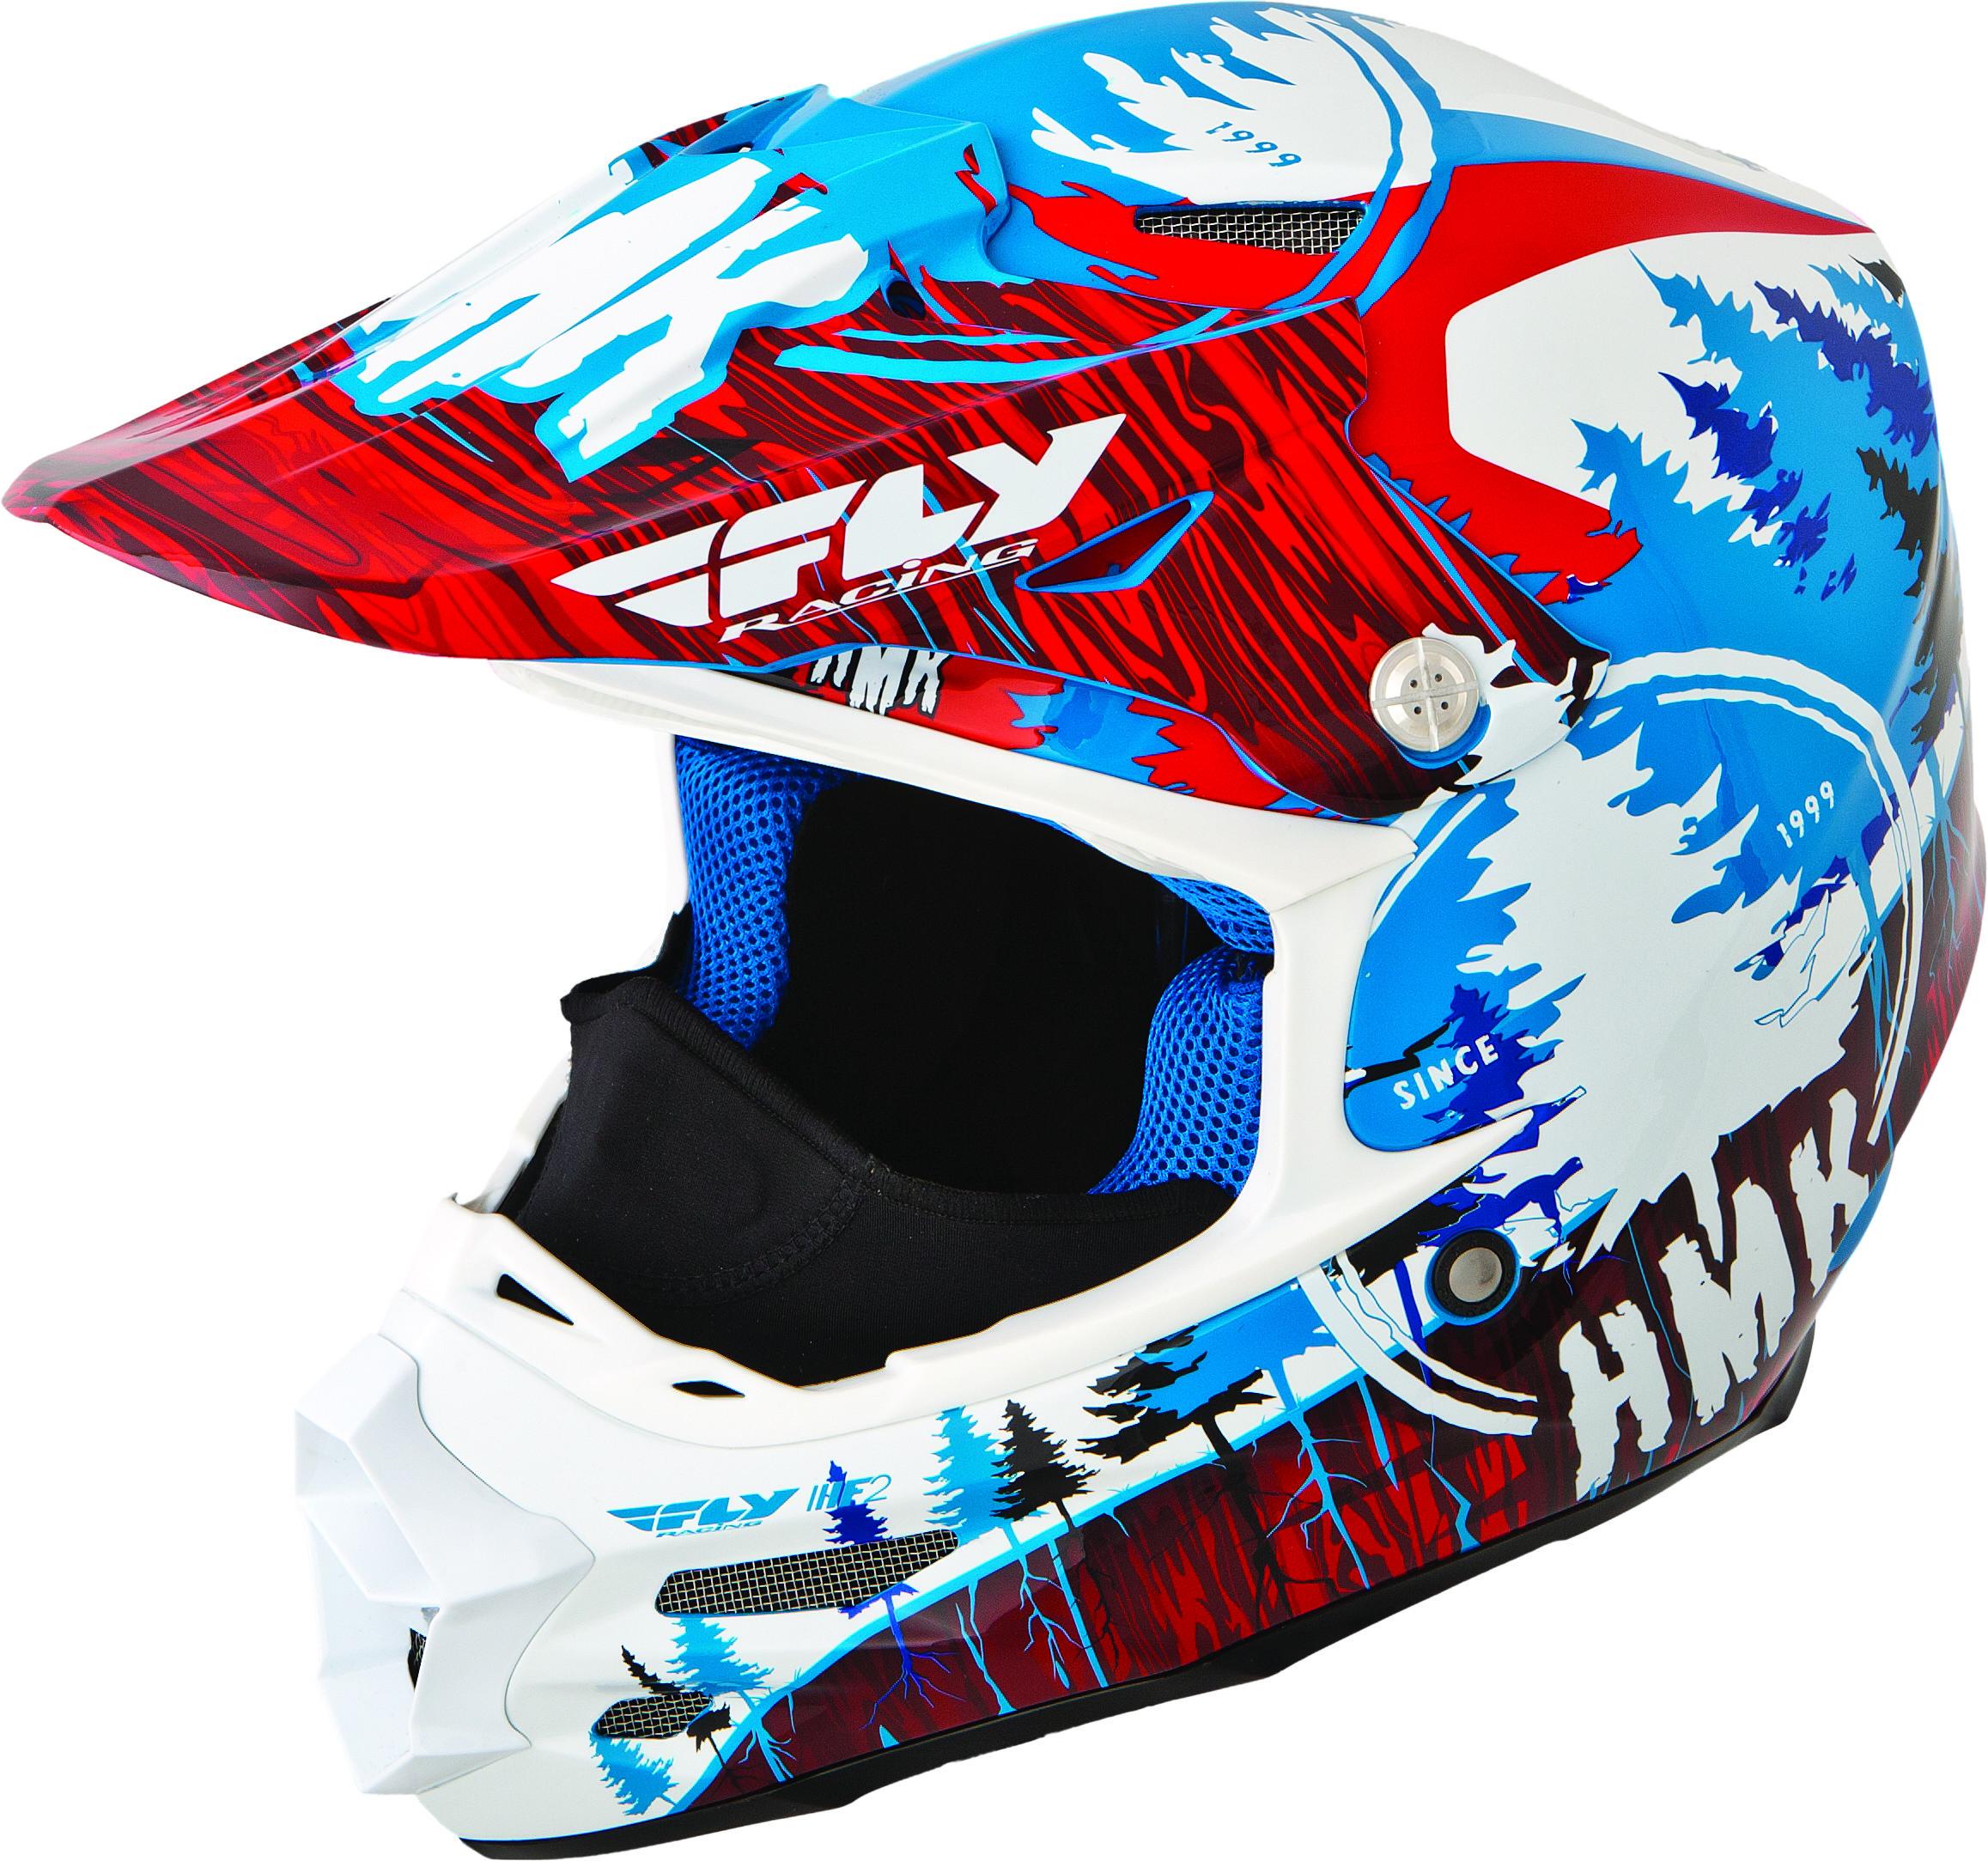 F2 Carbon Hmk Pro Stamp Helmet Red/Blue L